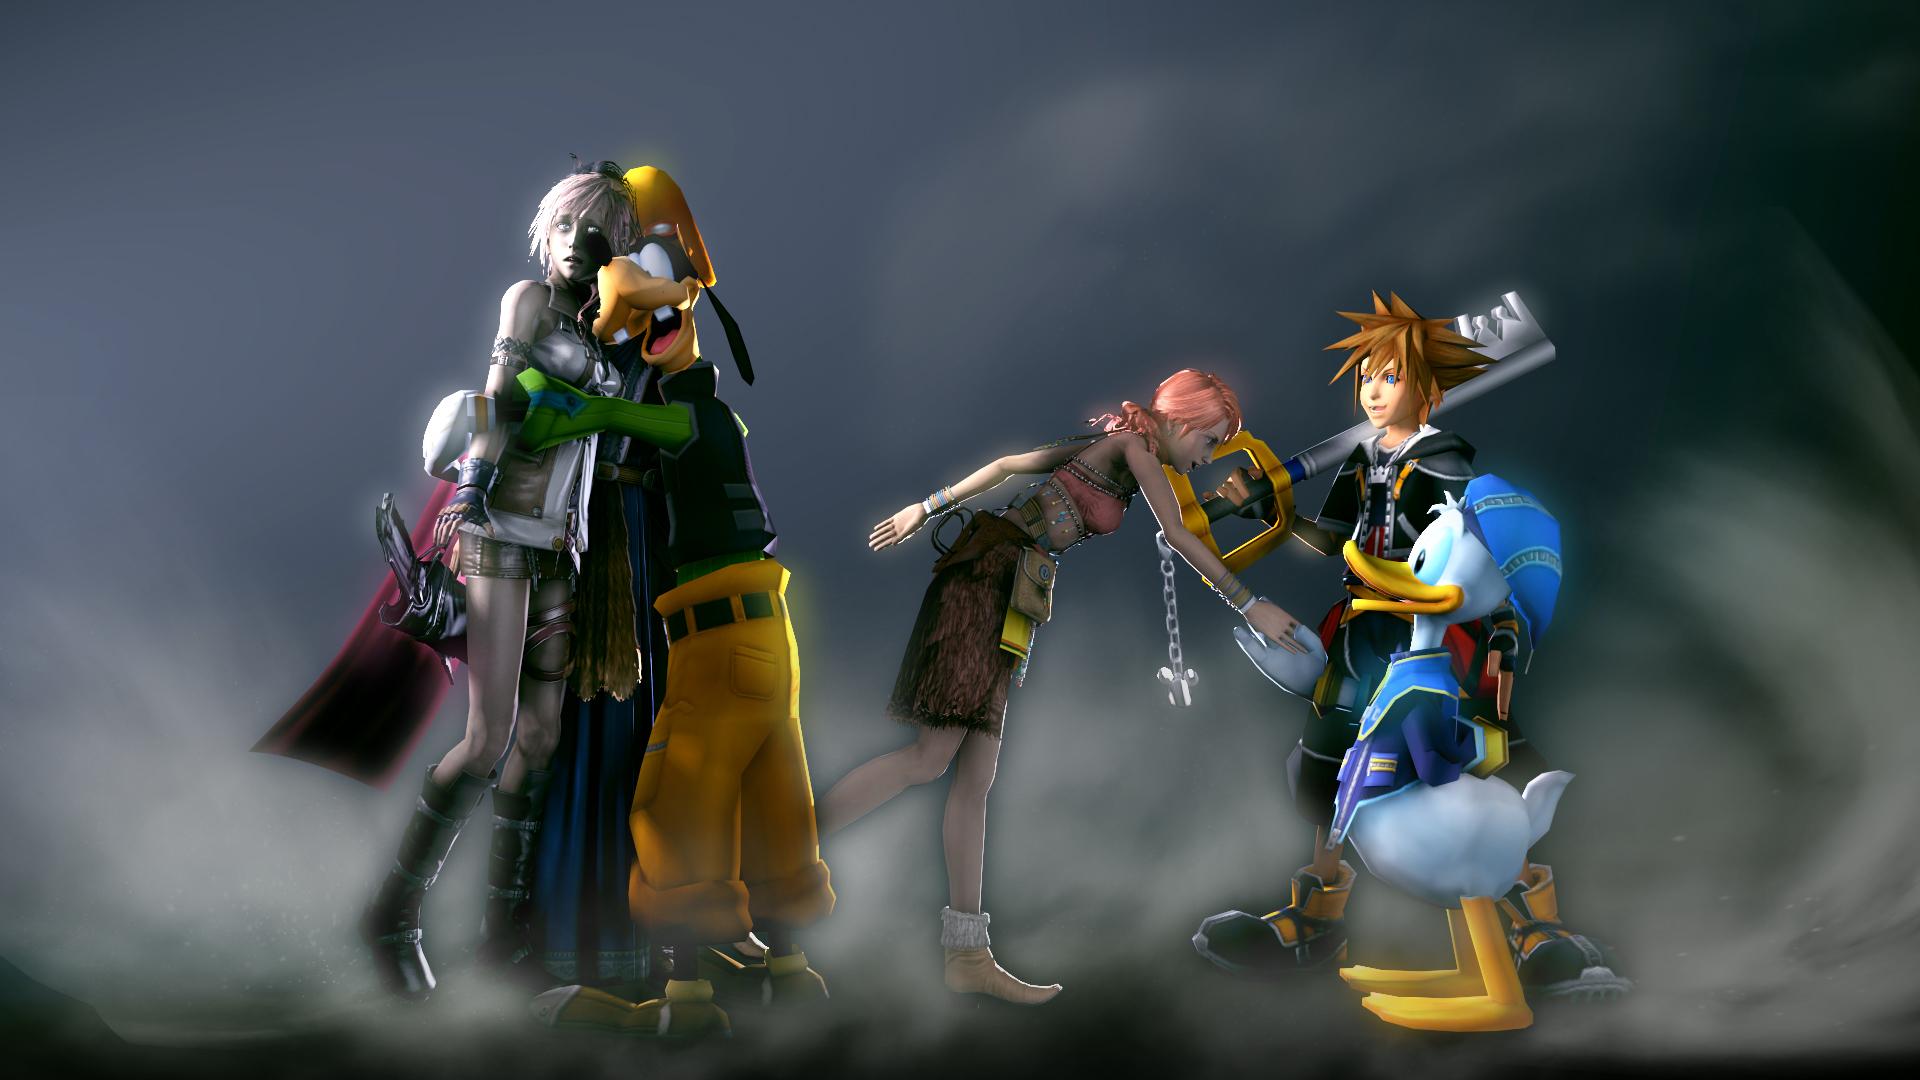 Kingdom Hearts XIII by Yhrite 1920x1080